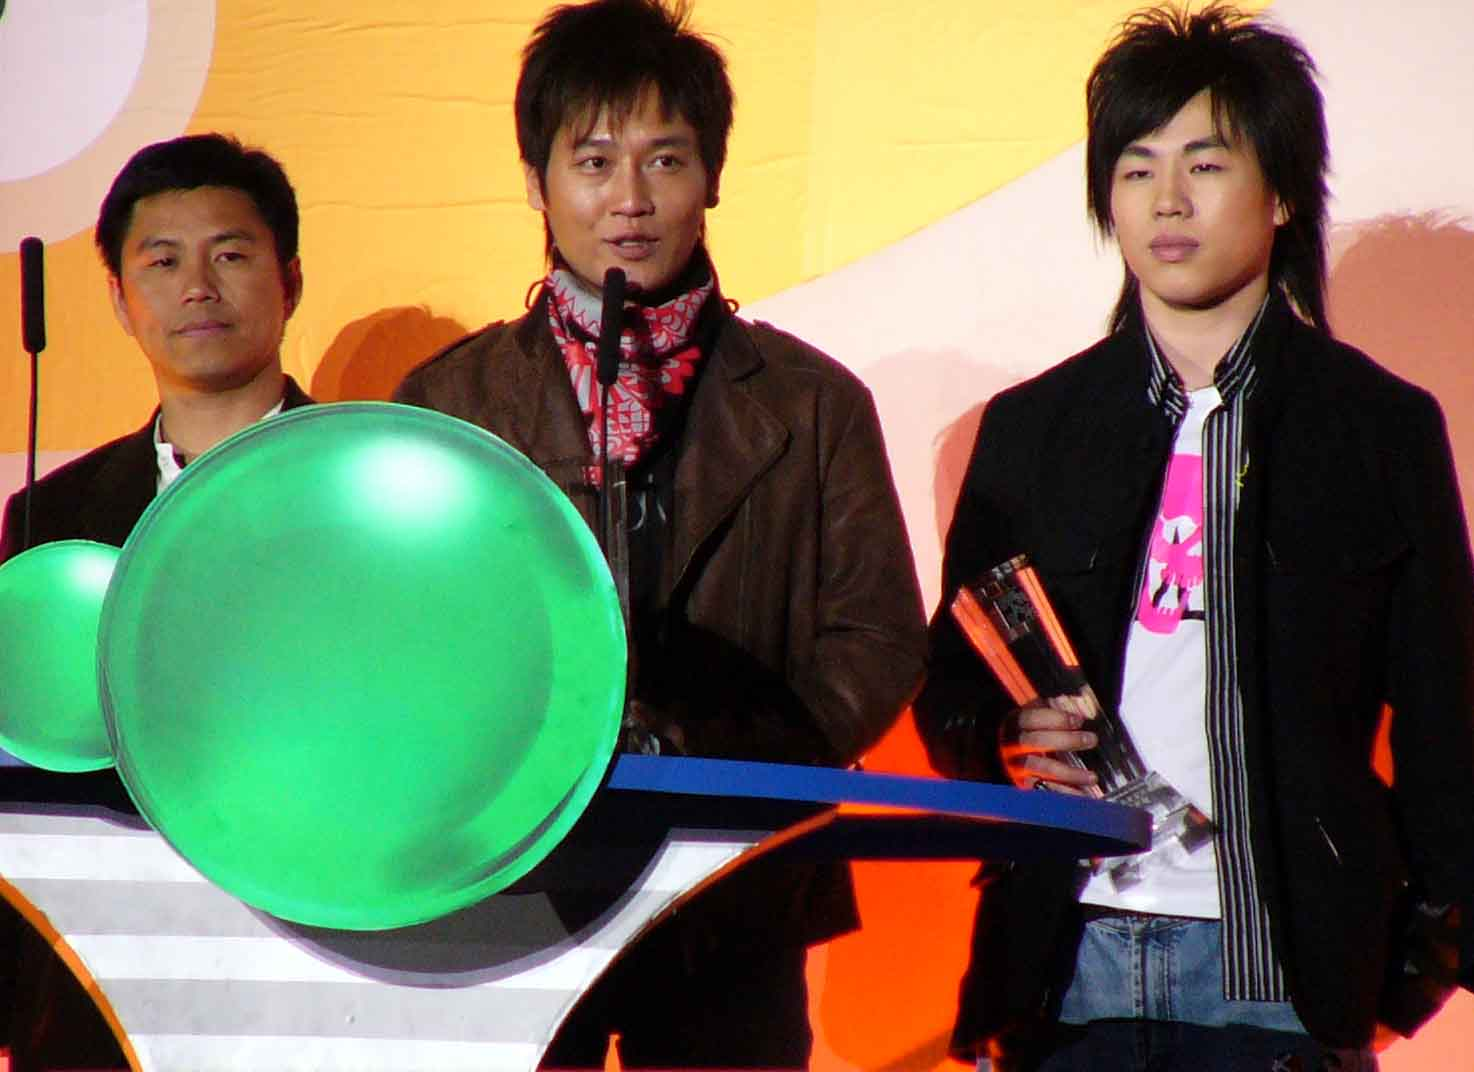 图文:2004中国TOP排行榜颁奖礼现场-阿木领奖